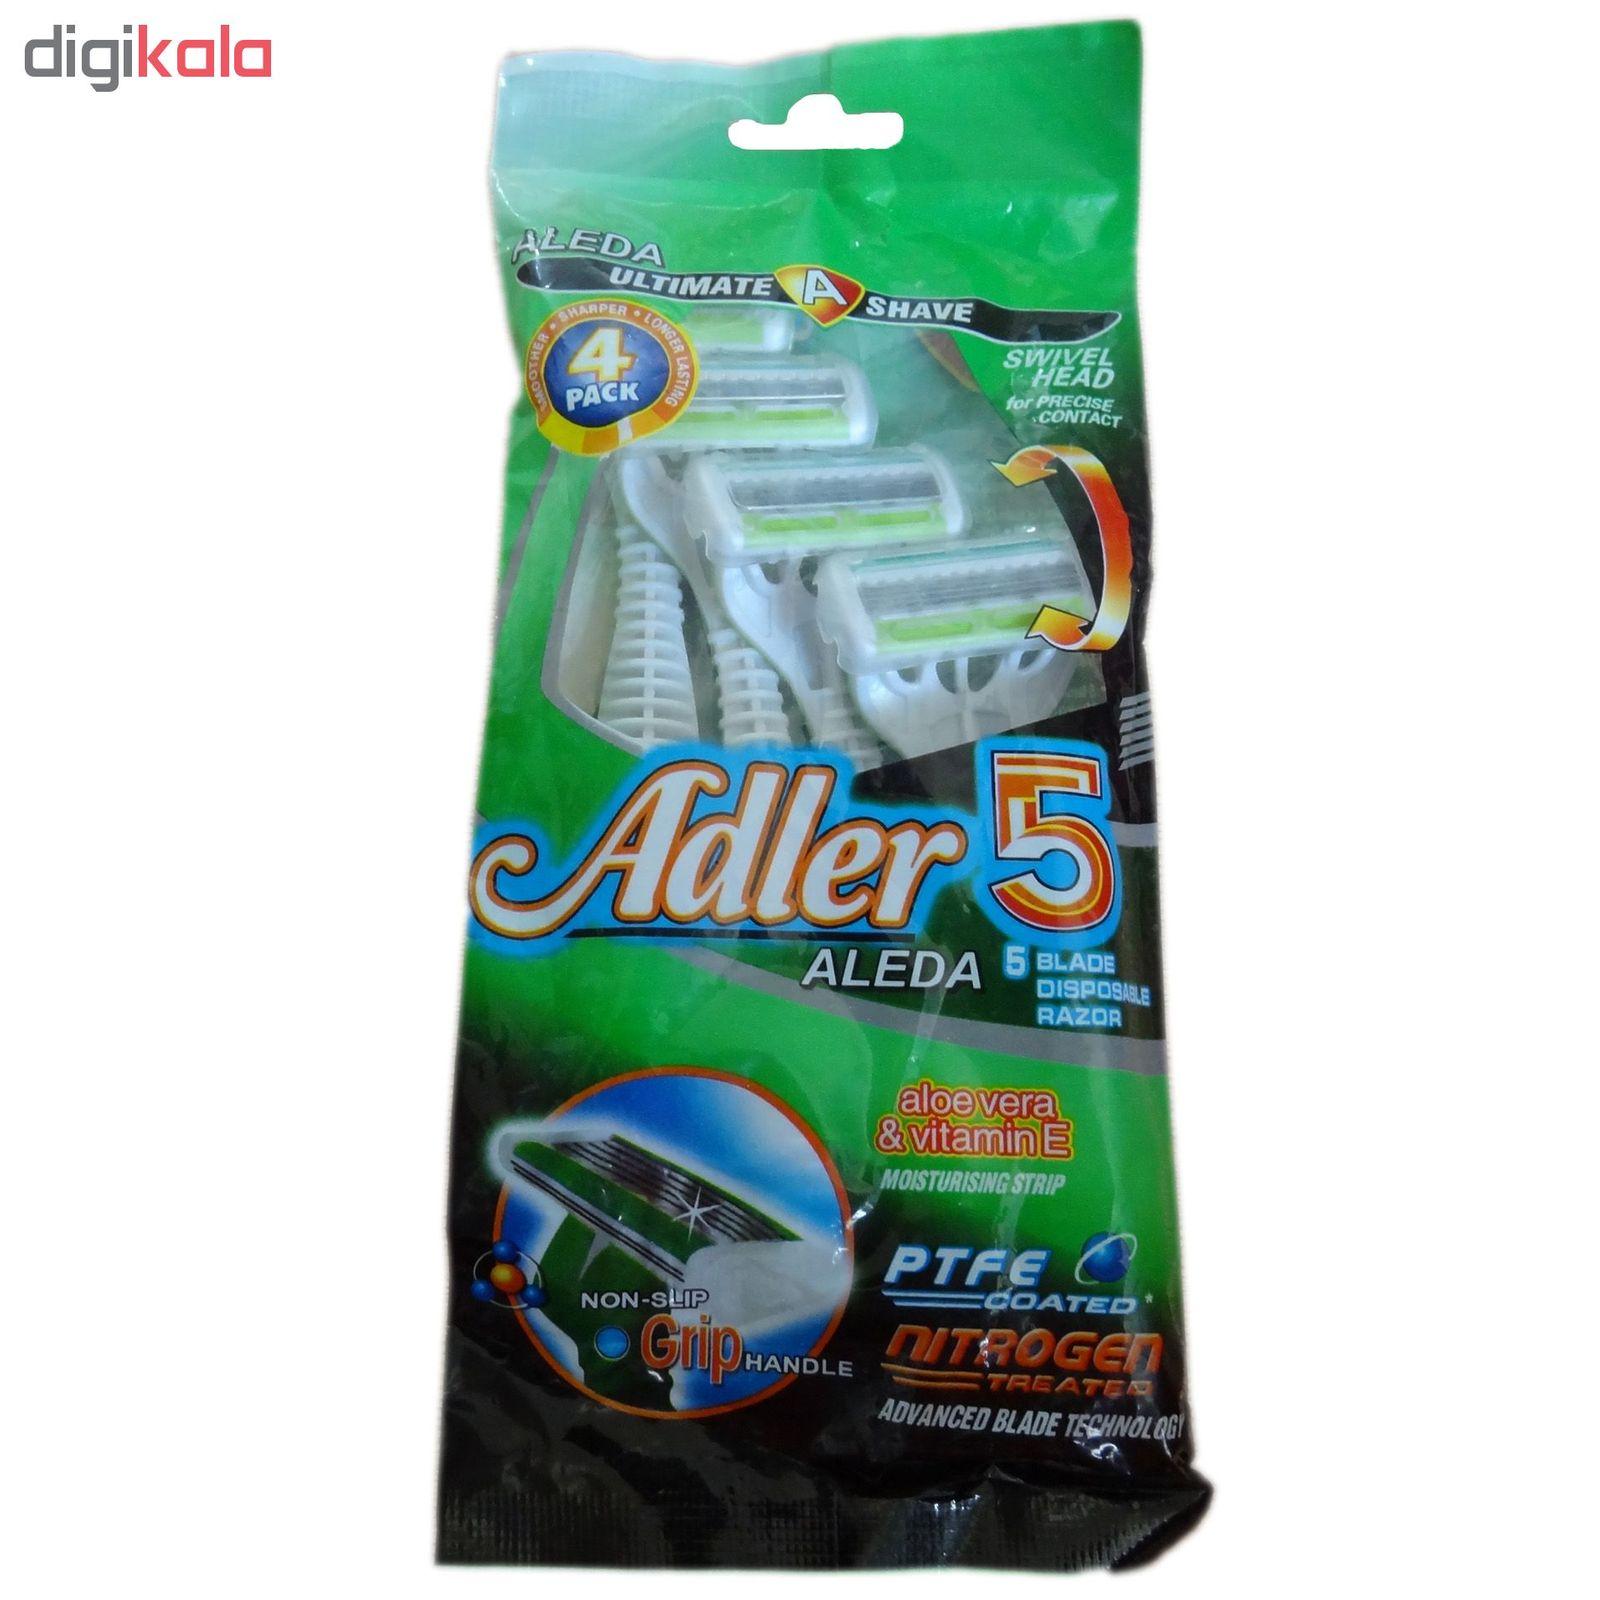 خود تراش ژیلت مدل 5 Adler Aleda بسته 4 عددی main 1 1